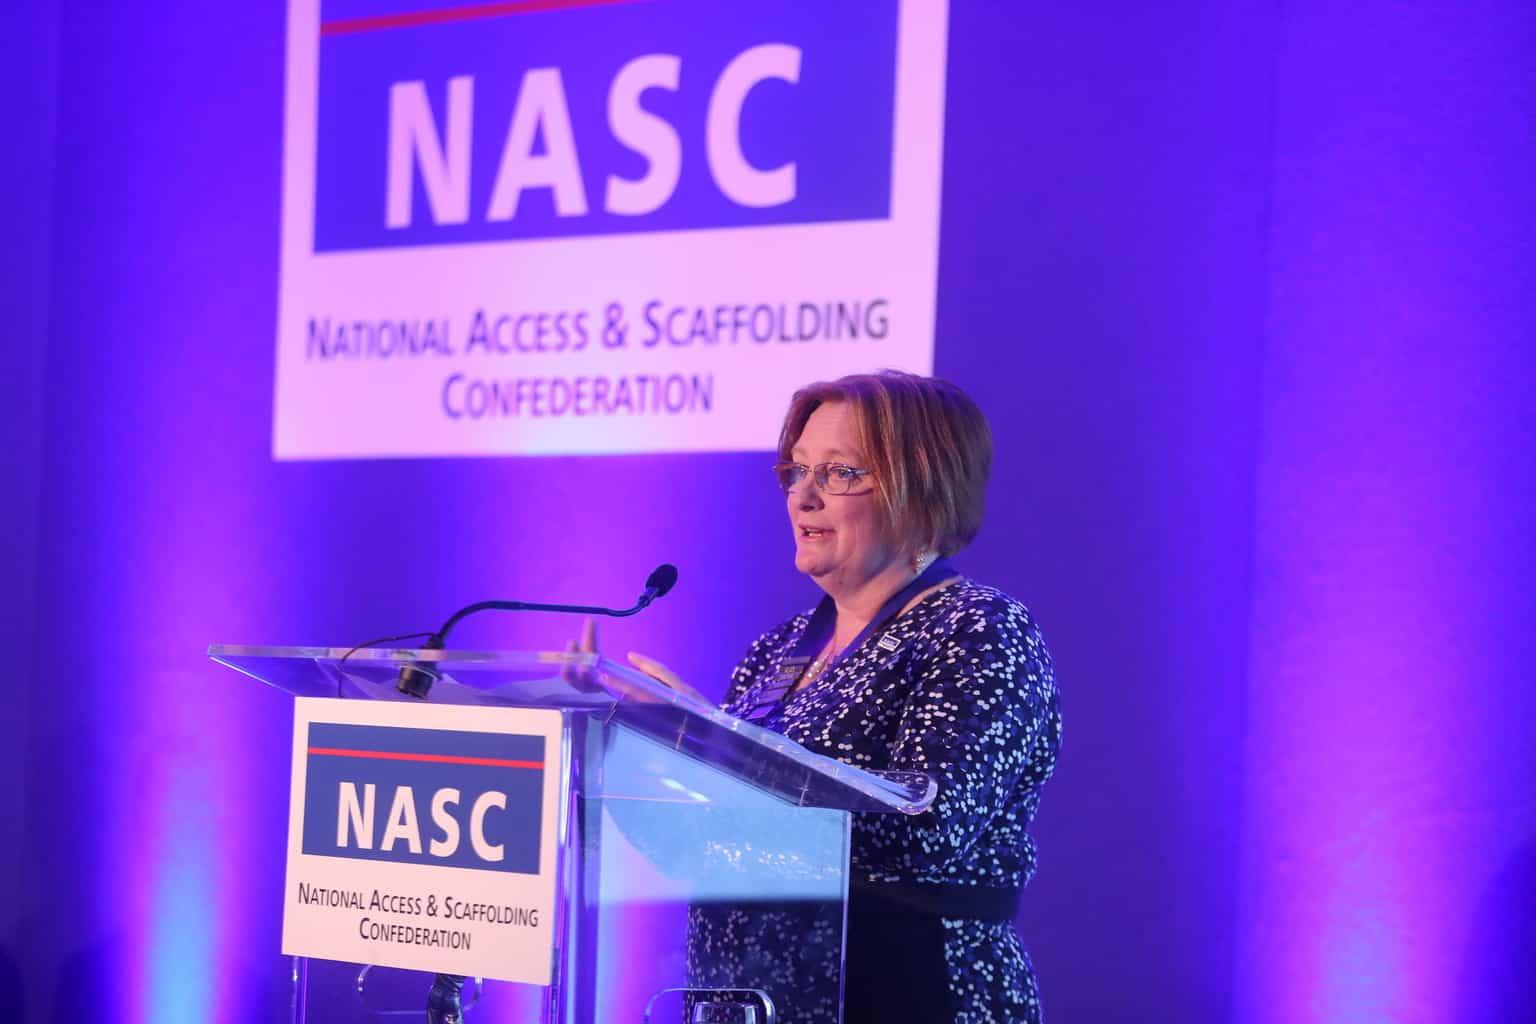 Lynn Way at the NASC